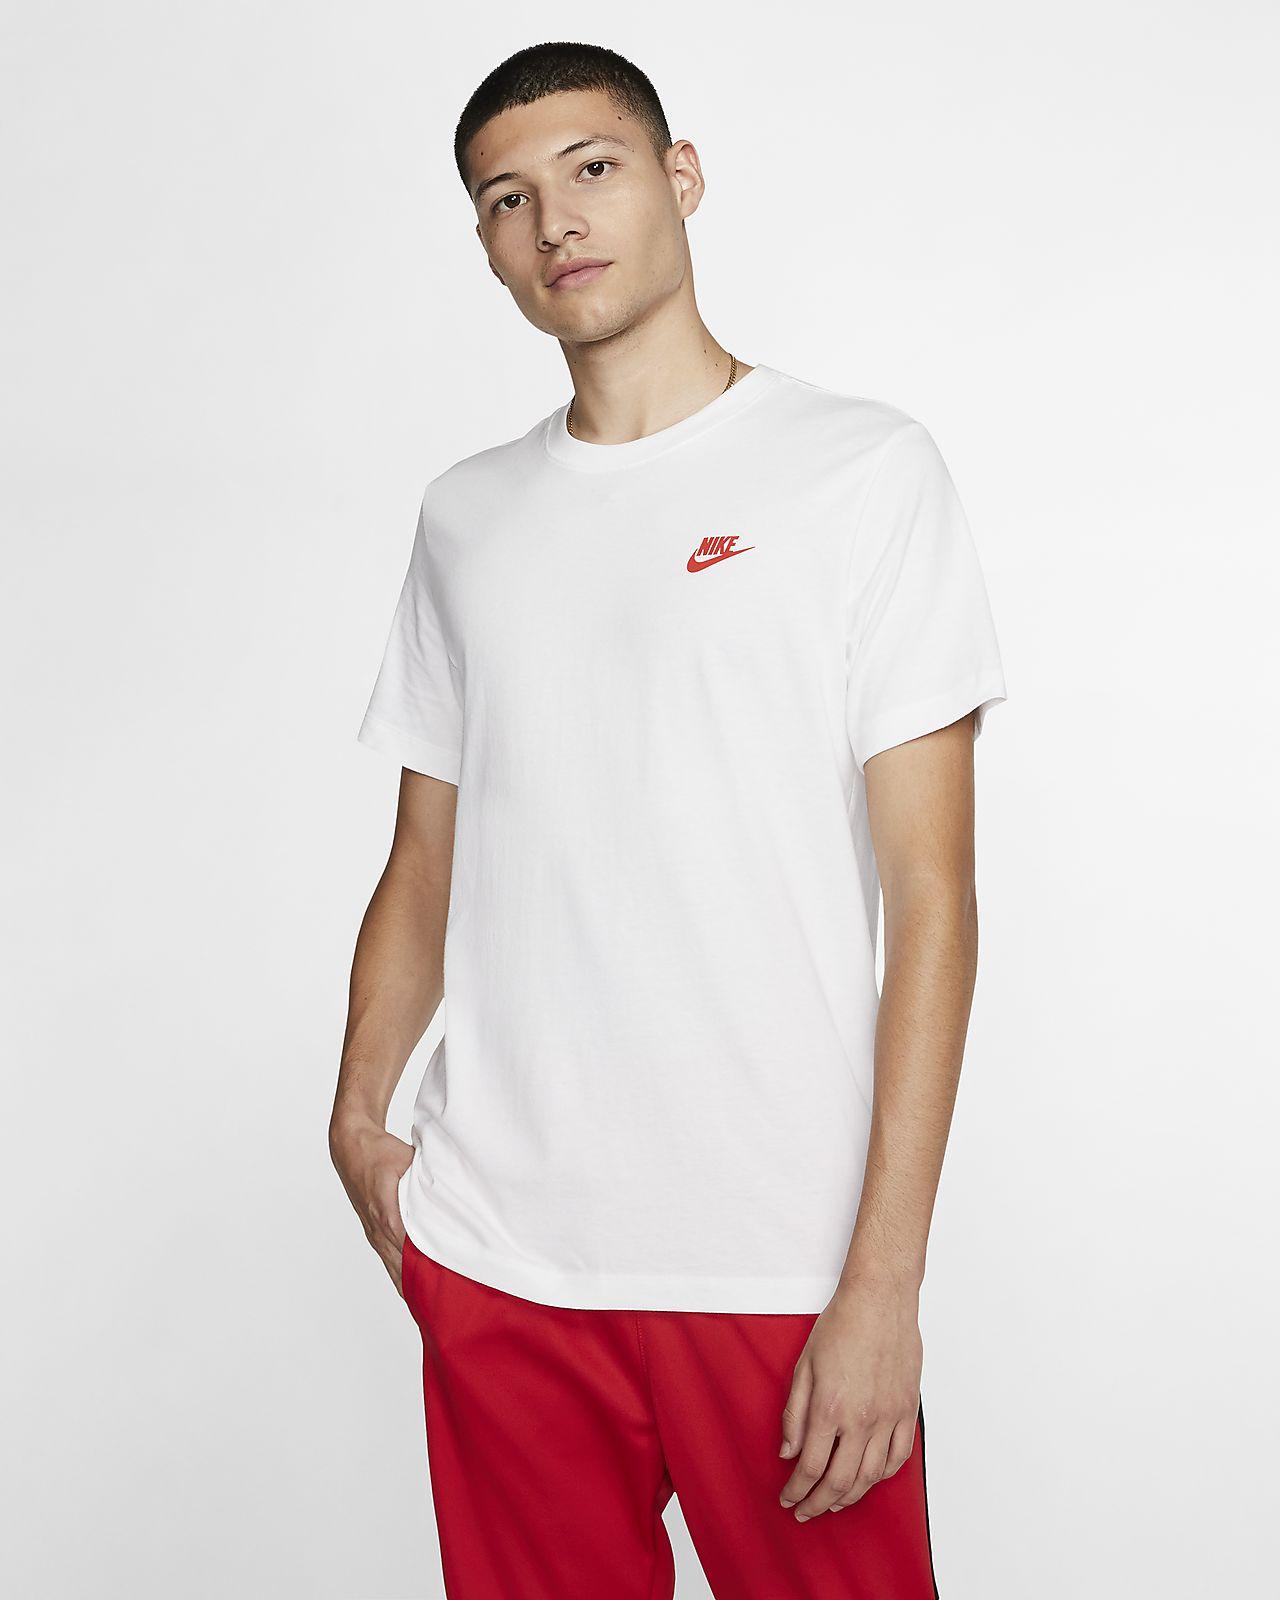 Nike Sportswear-T-shirt til mænd